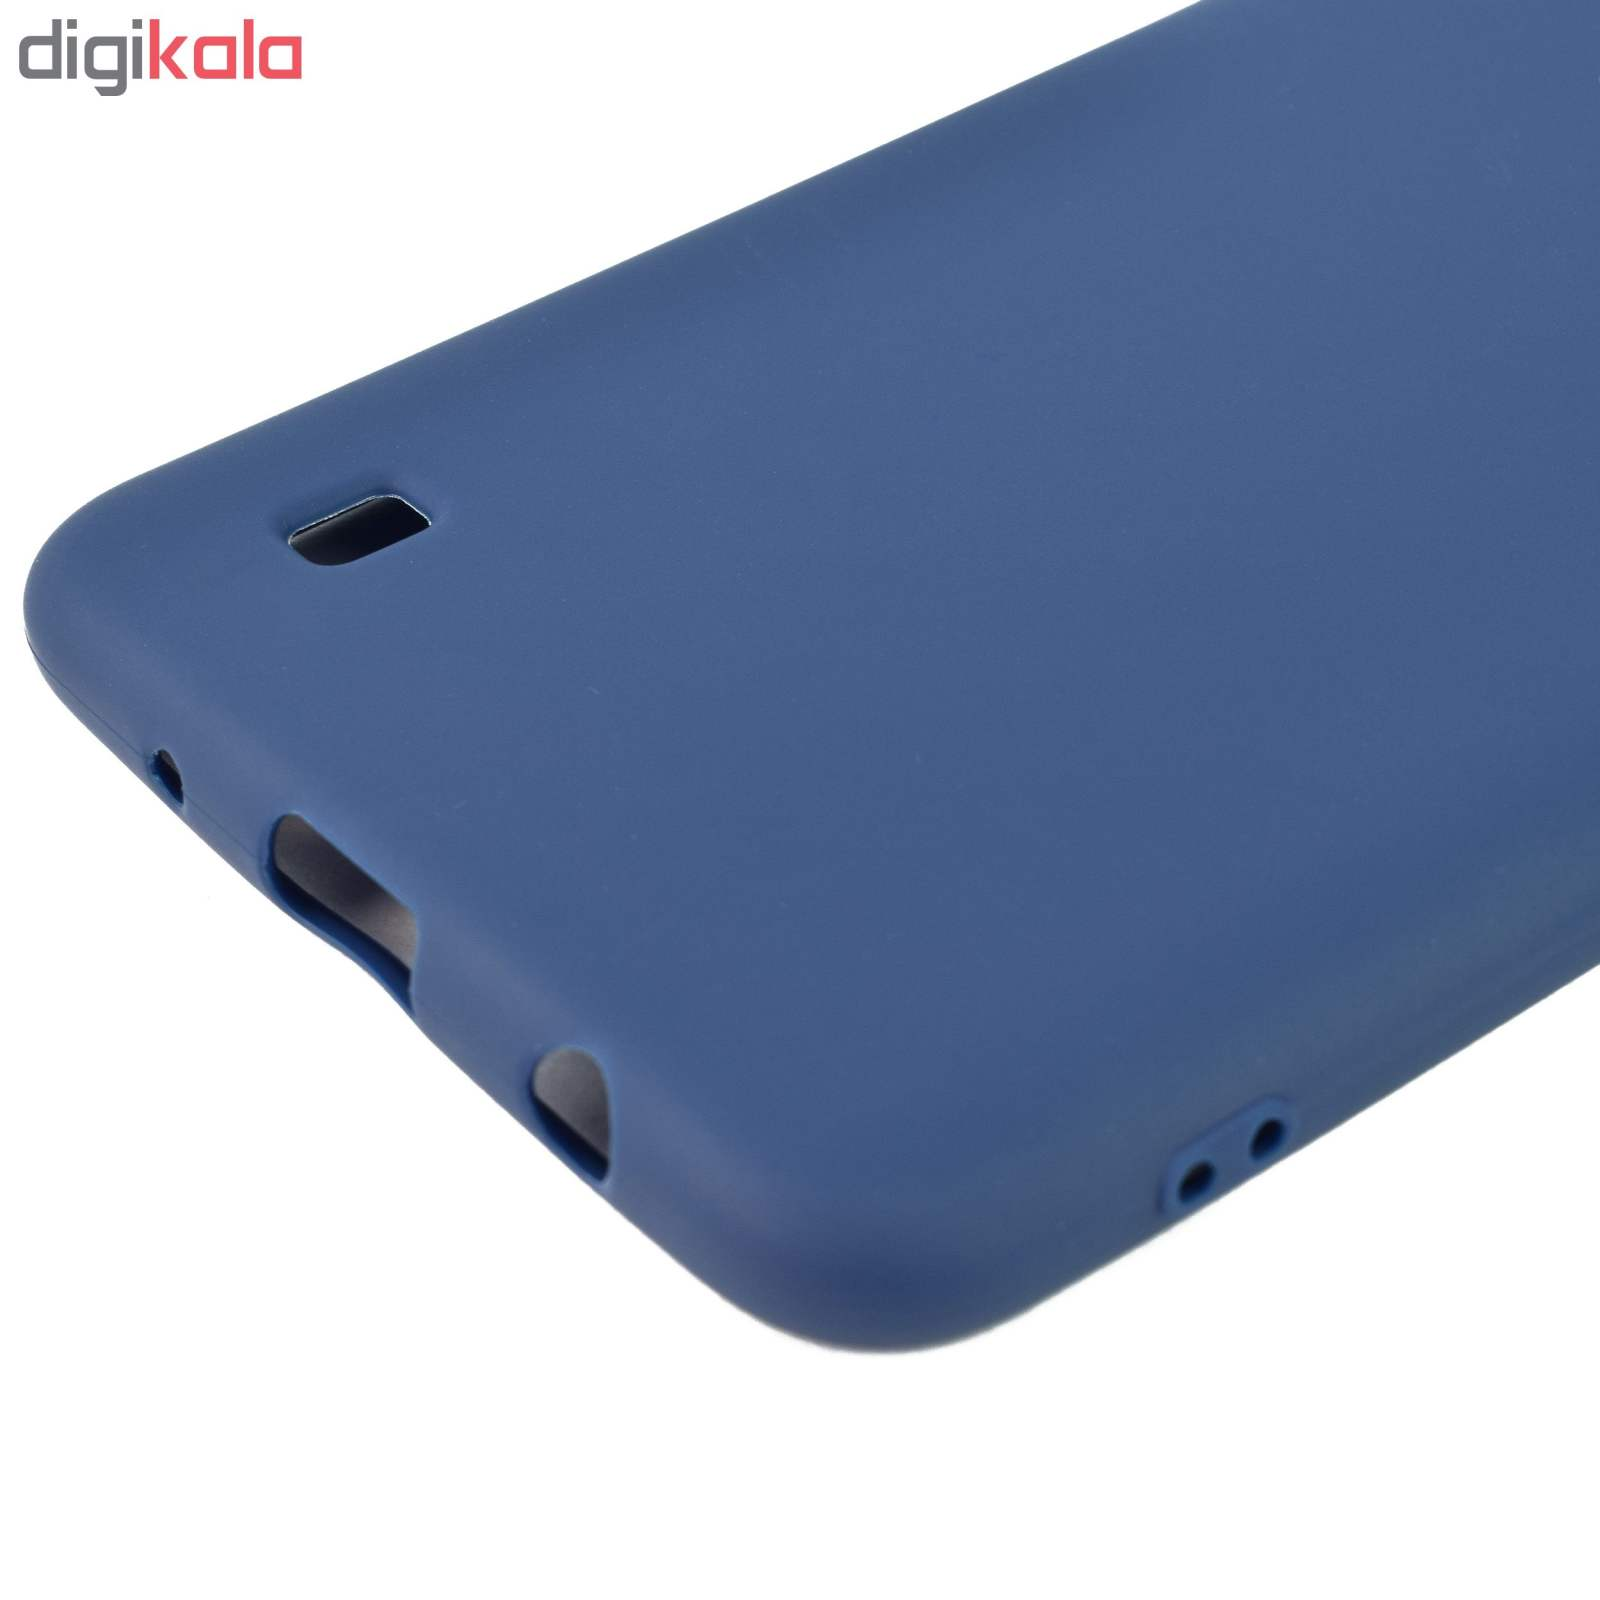 کاور مدل Sicomi مناسب برای گوشی موبایل سامسونگ Galaxy A10 main 1 6